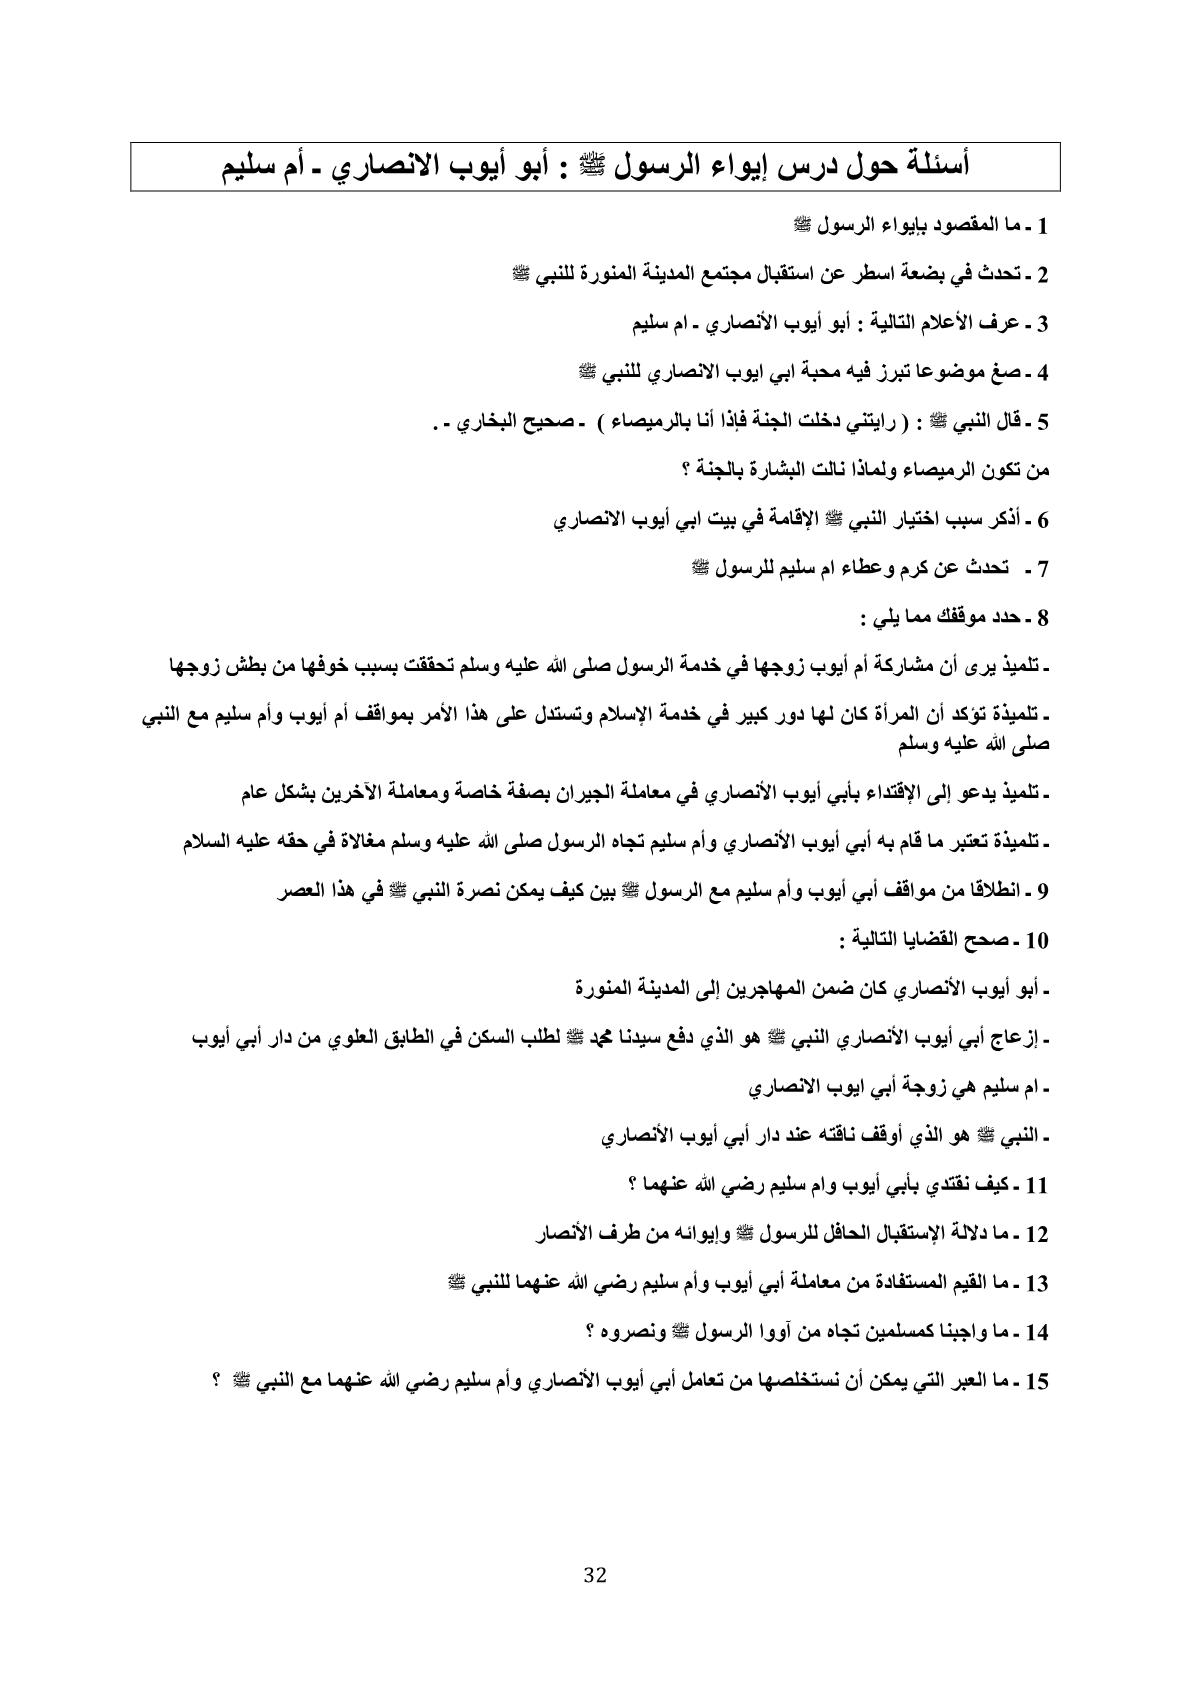 """تمارين وأسئلة درس إيواء الرسول ﷺ """" أبو أيوب الأنصاري- أم سليم الثالثة اعدادي"""